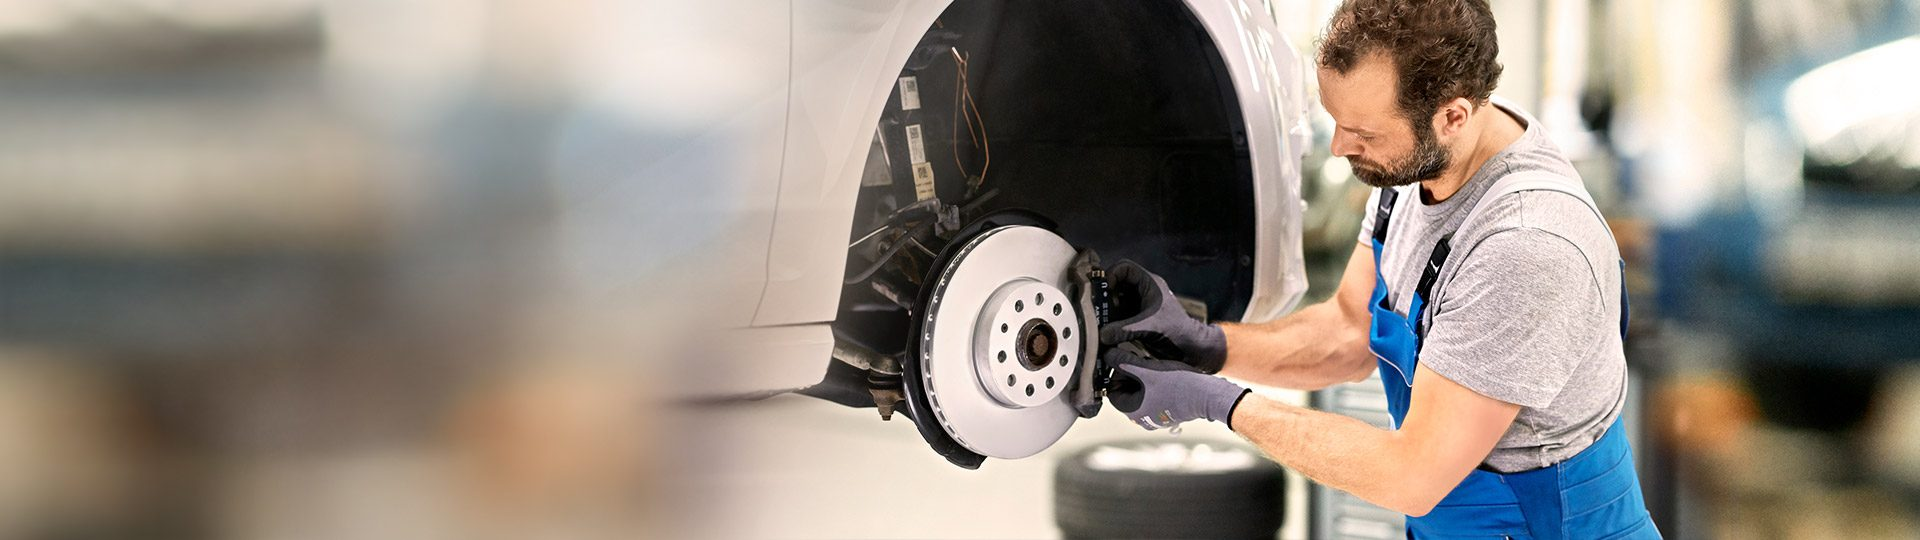 Диагностика и ремонт автомобилей Фольксваген в сервисном центре Volkswagen в Минске